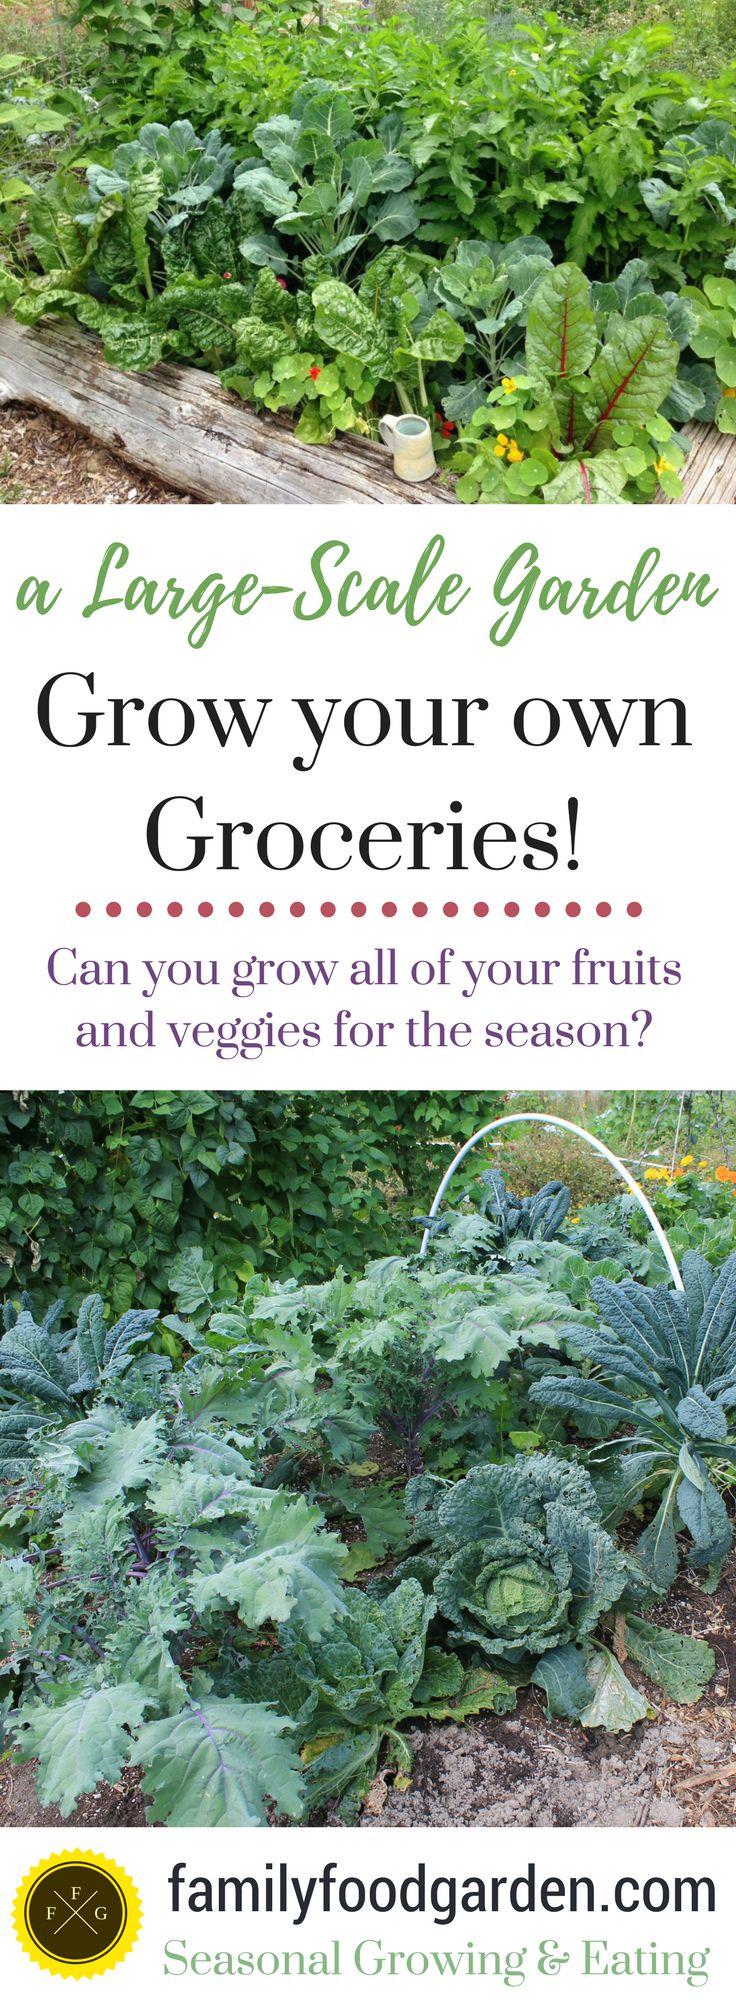 The Self-Reliance Garden